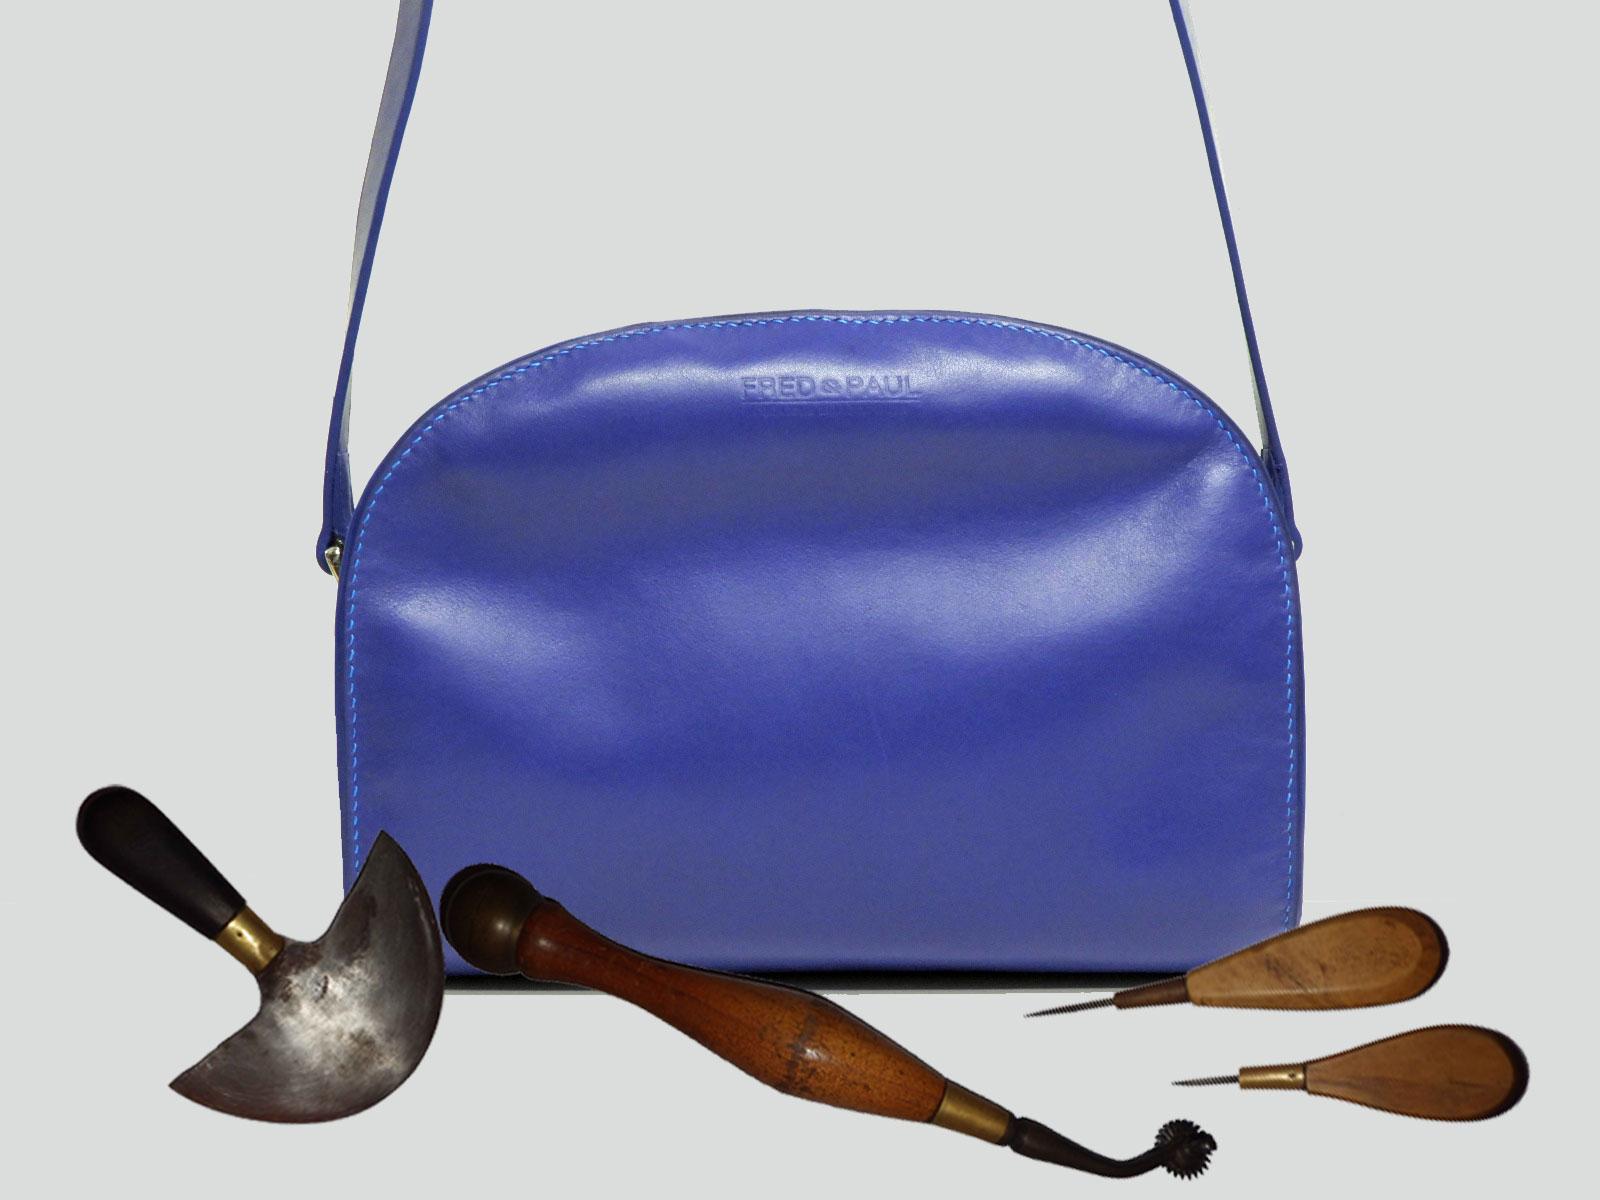 LABRADOR, sac porté croisé ou épaule en cuir de veau bleu Klein